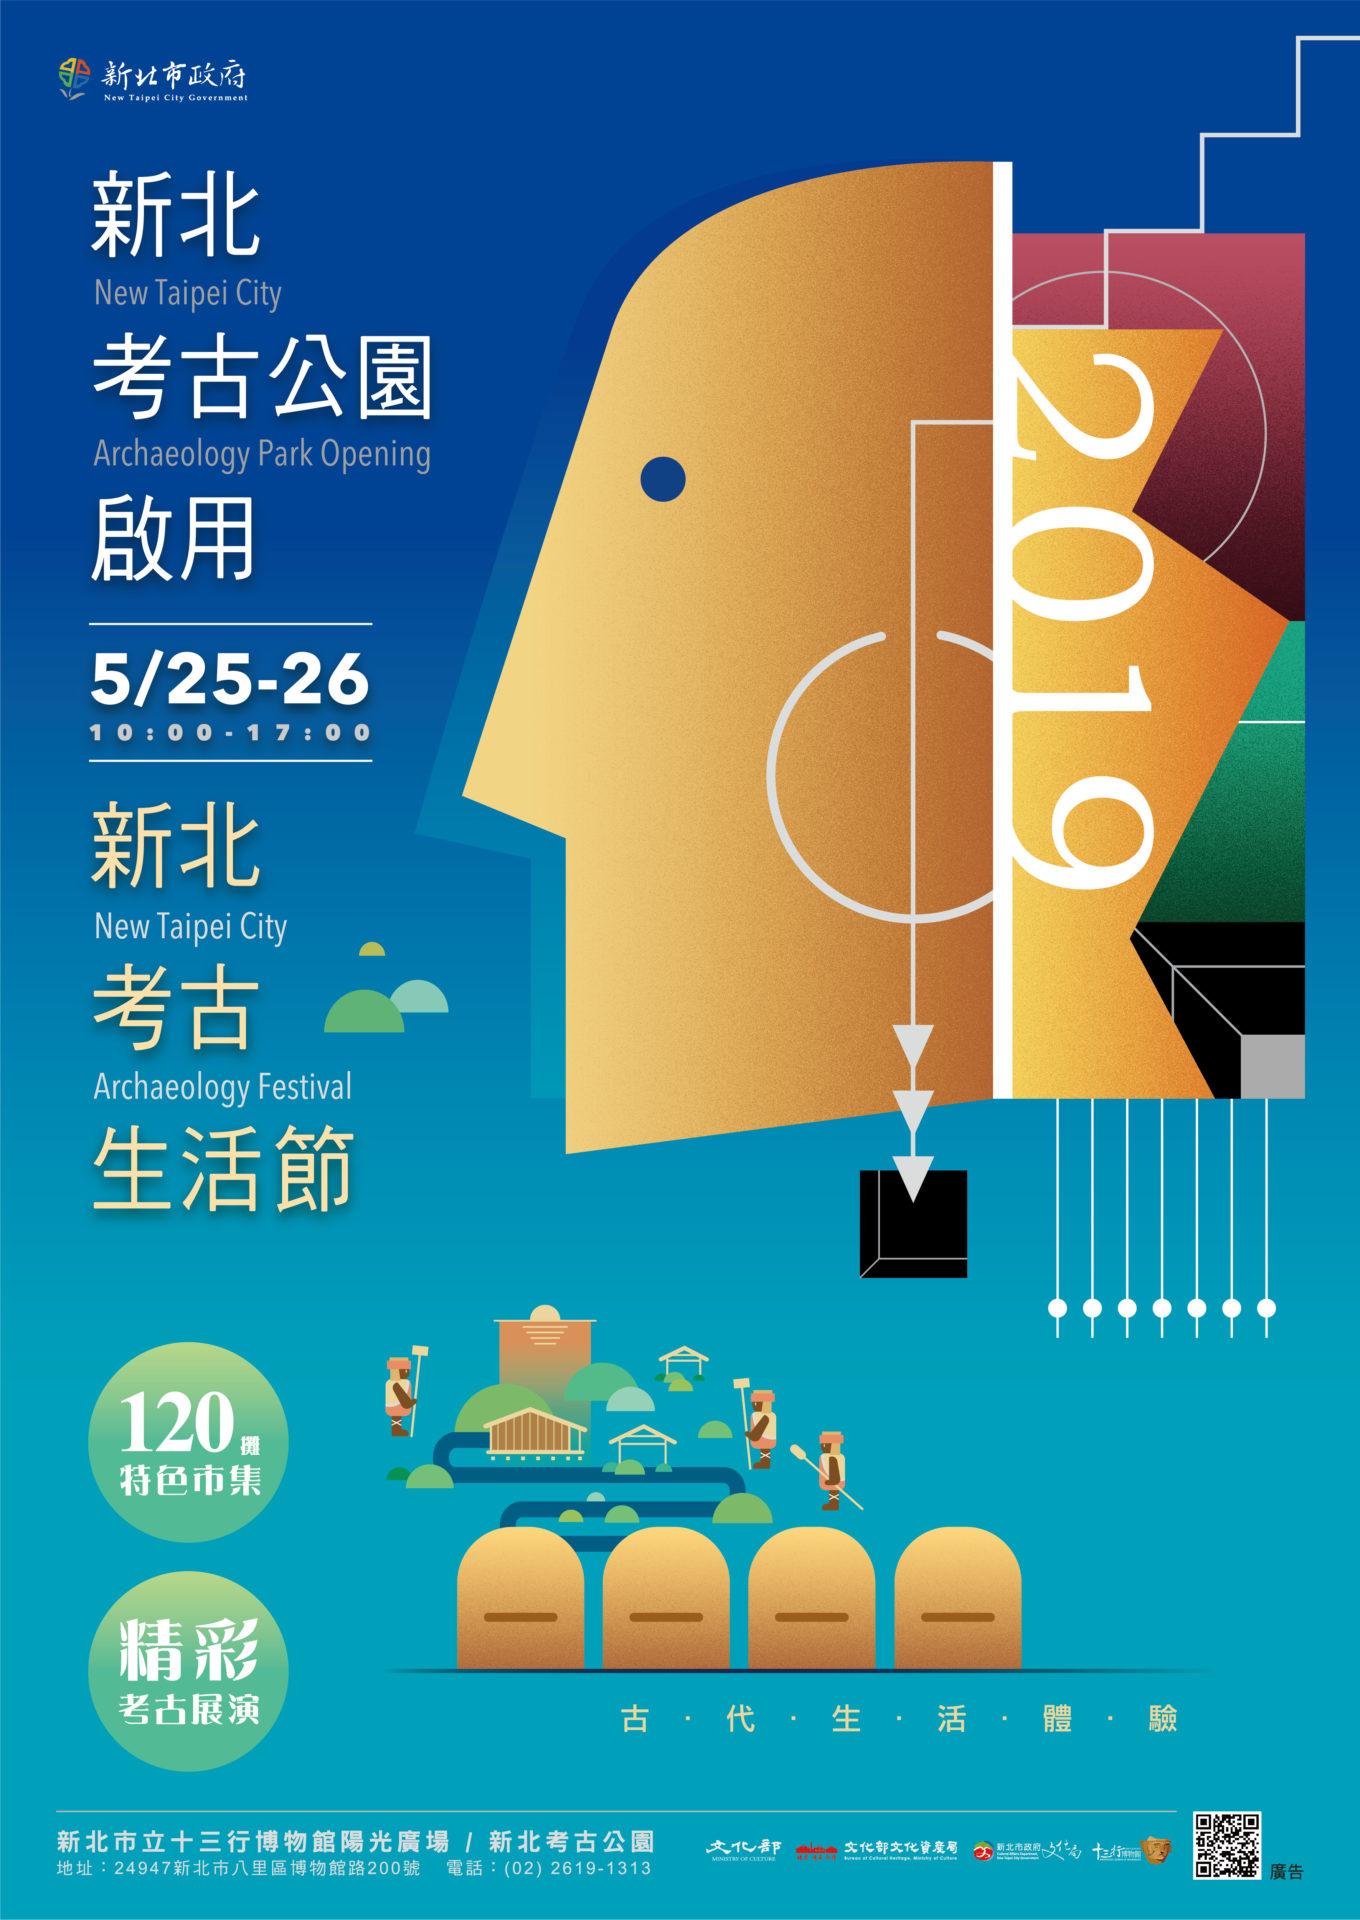 新北市立十三行博物館:2019/05/25-2019/05/26【 「新北考古公園啟用暨2019新北考古生活節」】